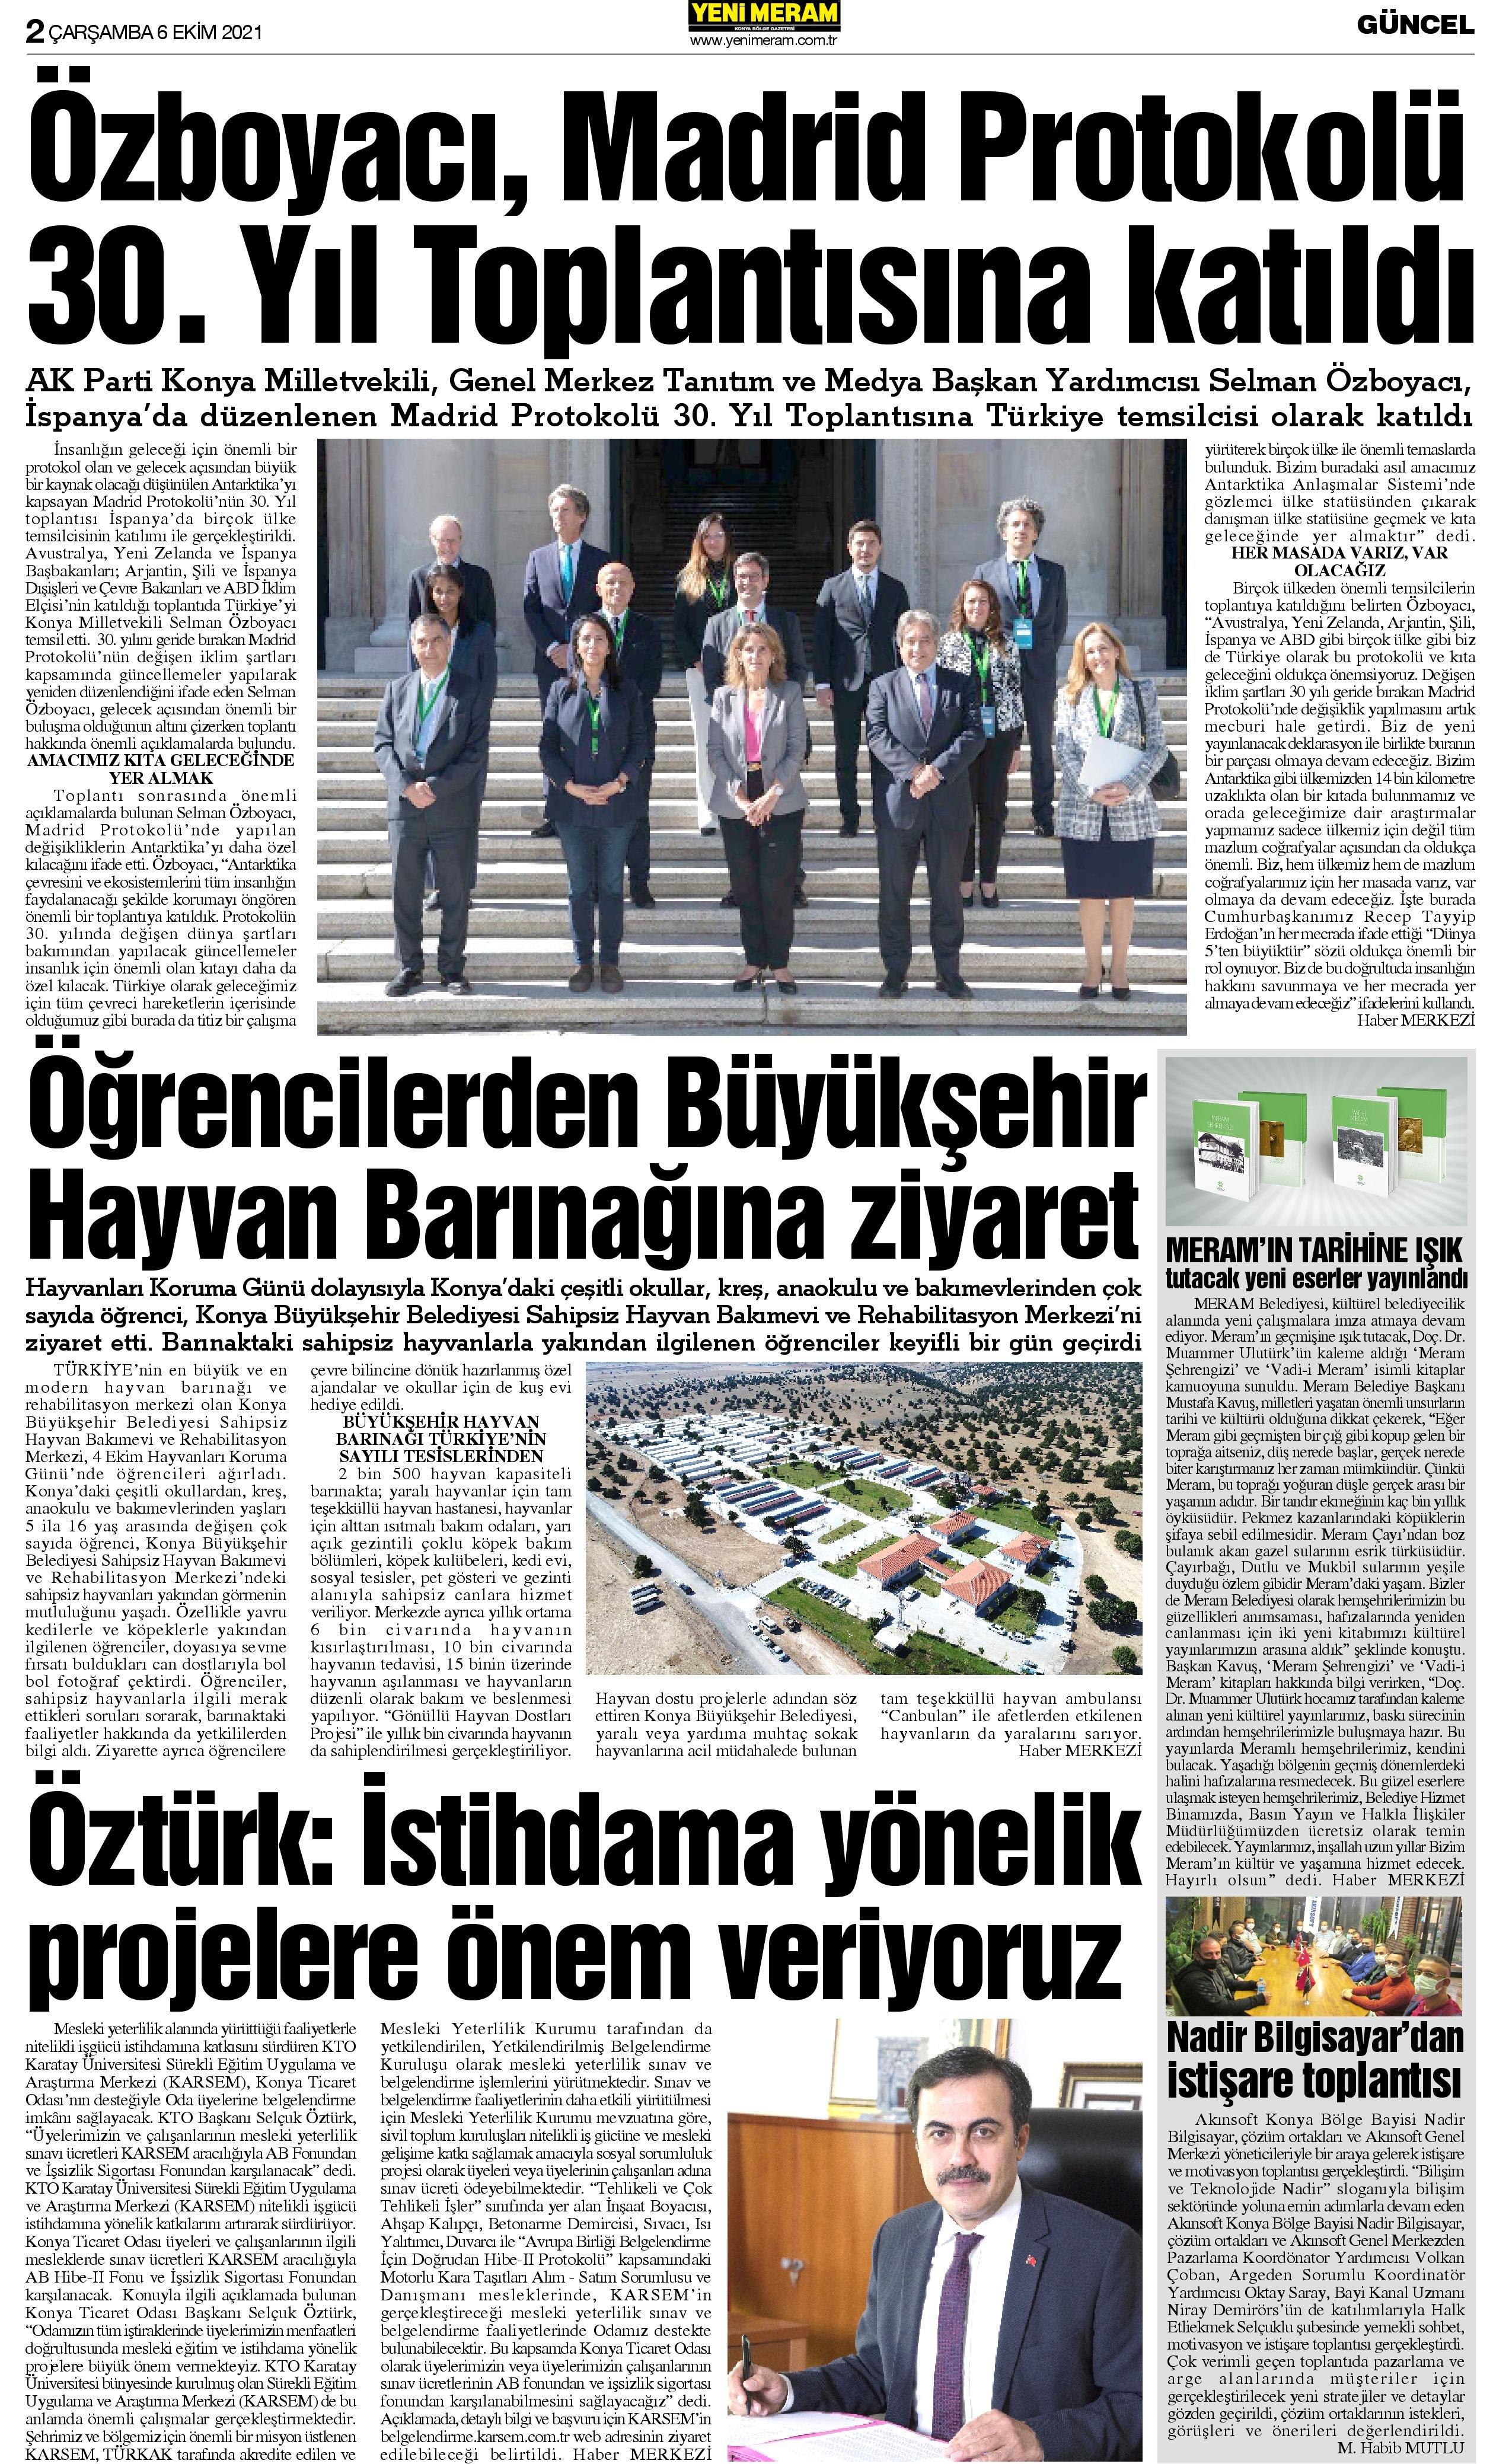 6 Ekim 2021 Yeni Meram Gazetesi